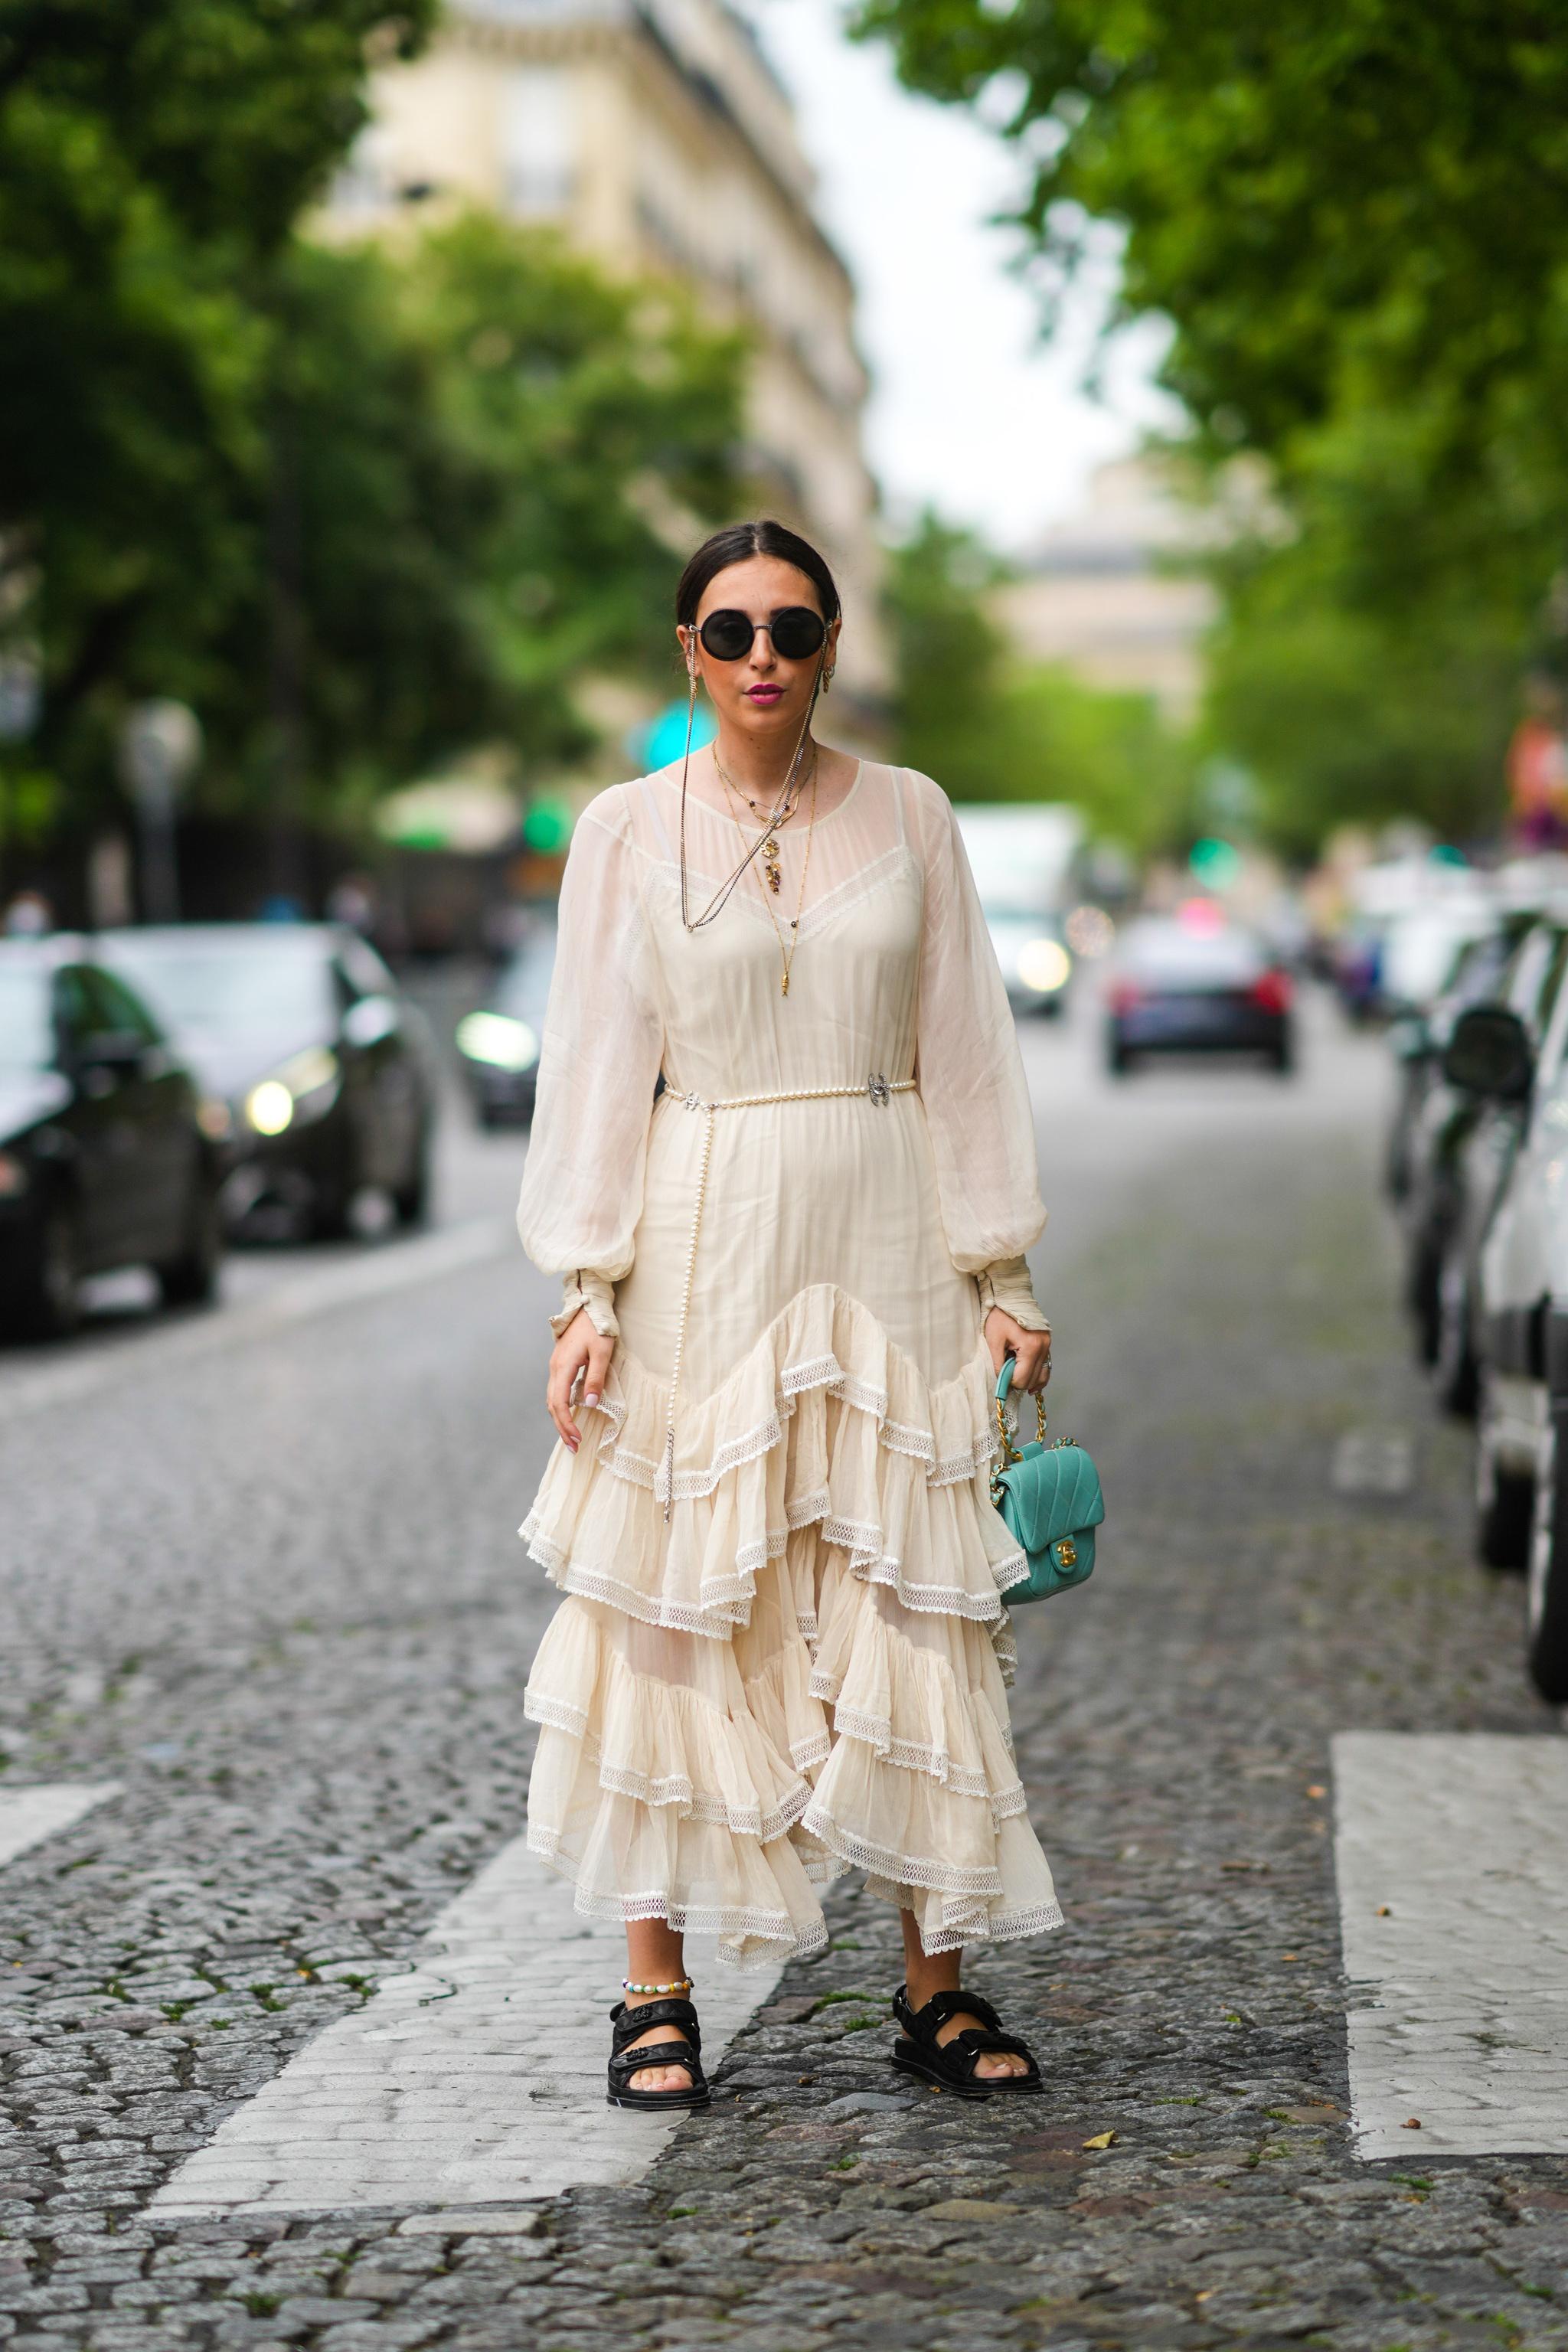 Un vestido boho visto en París.